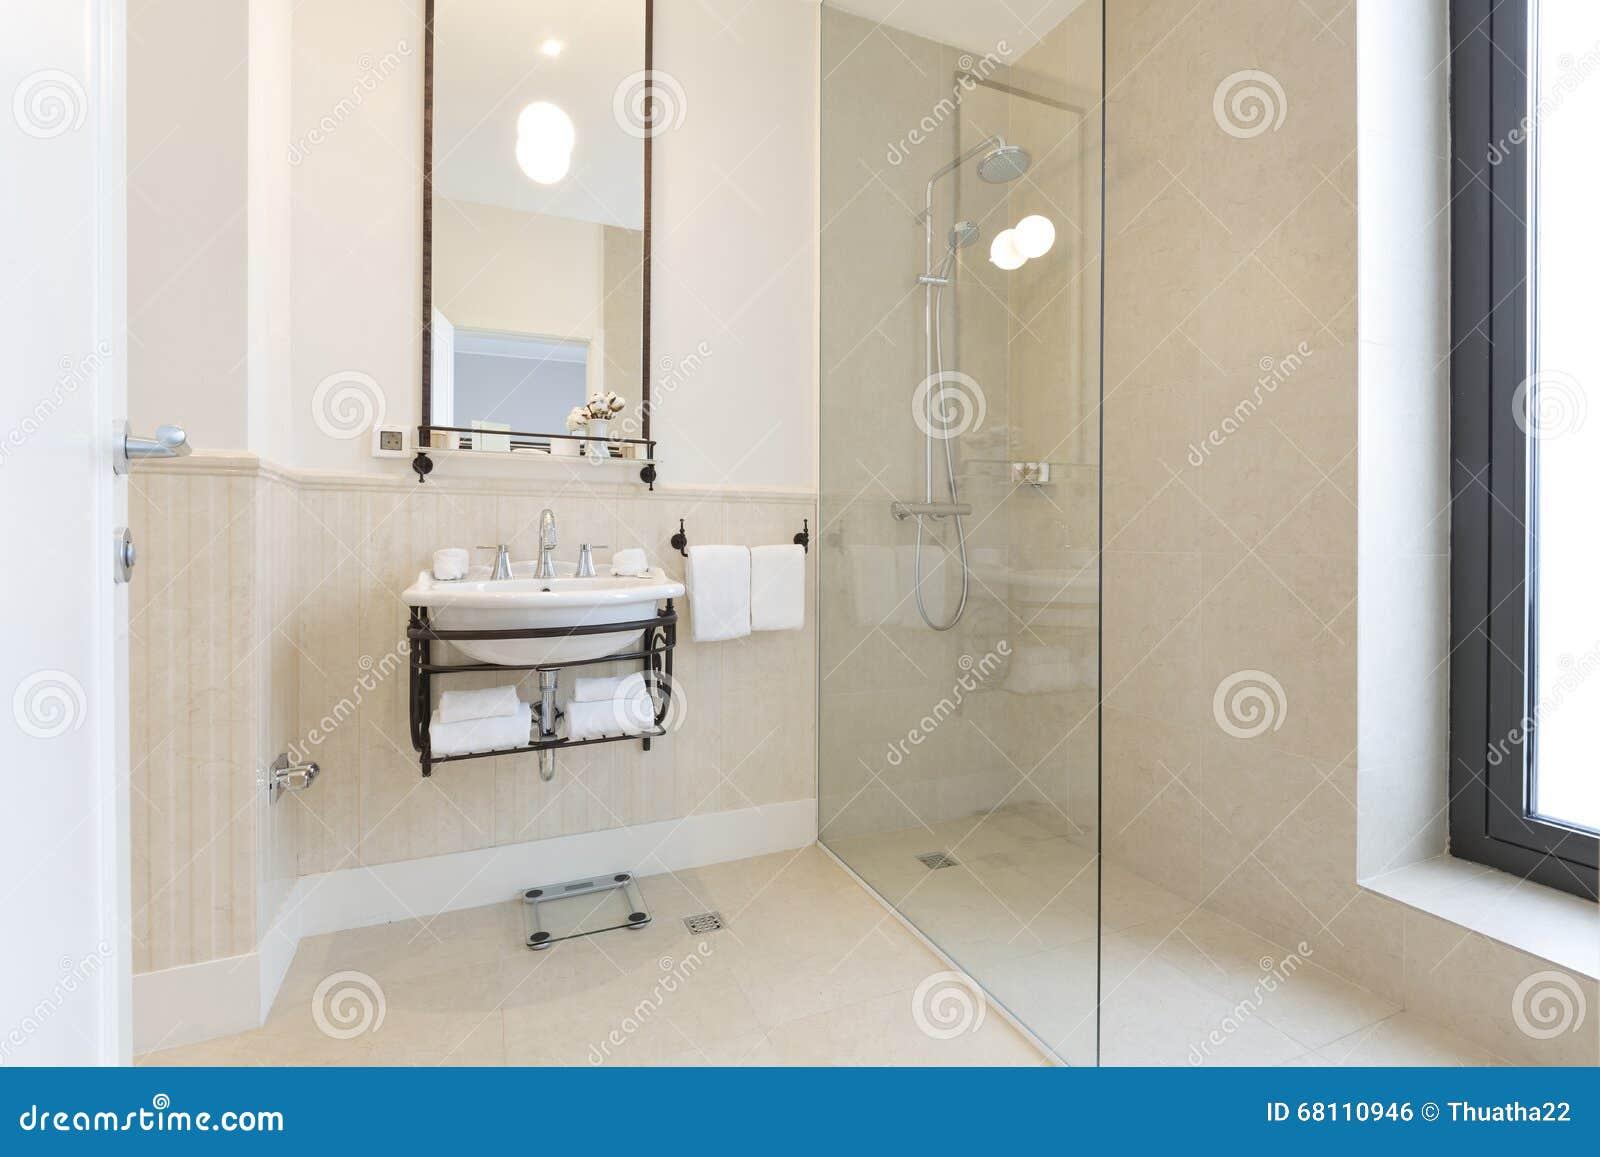 Bagni Moderni Con Doccia : Carino bagno moderno grigio mobile design base lavabo sospesa con